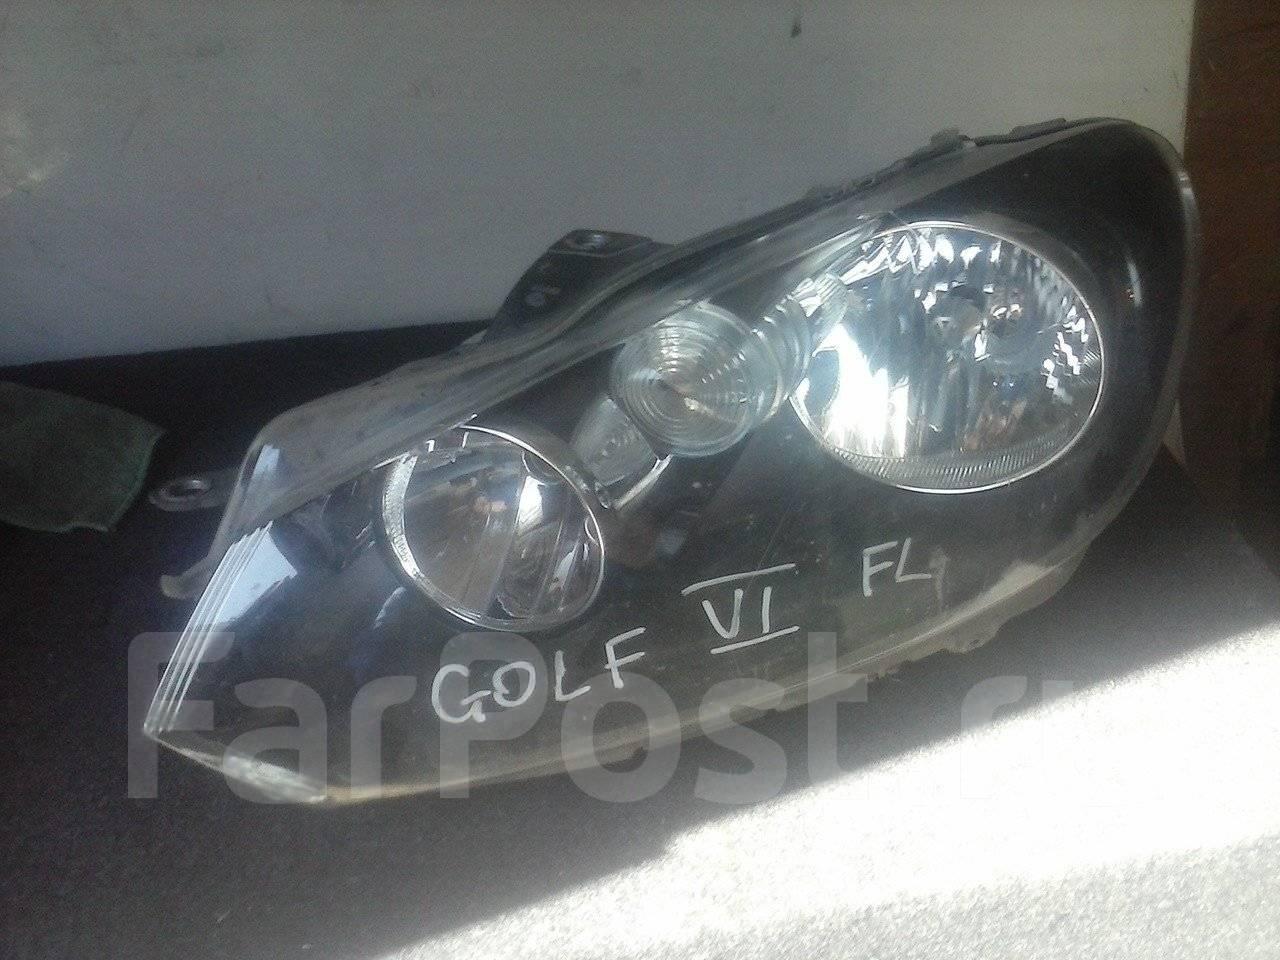 фара гольф 6 плюс биксинон адаптивная правая